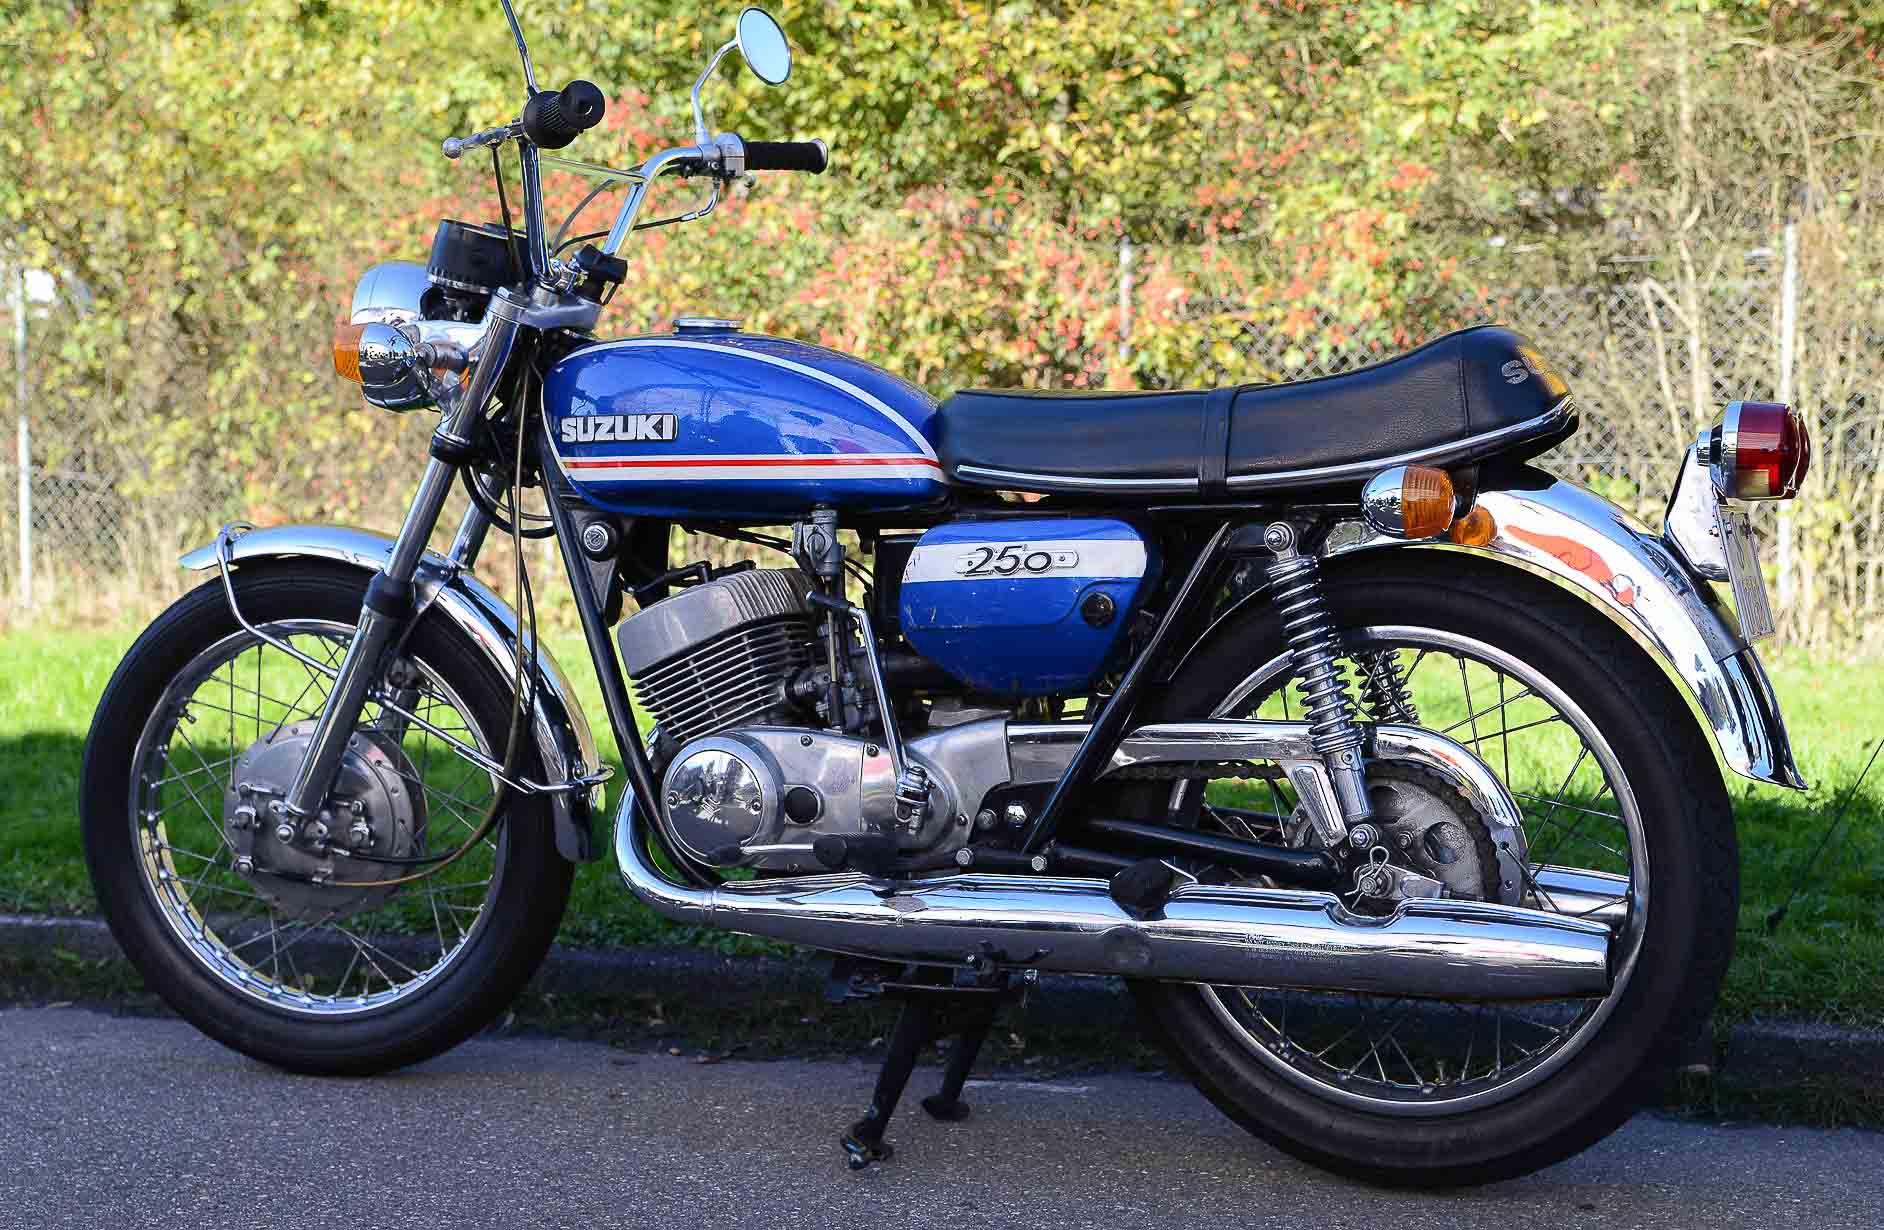 SUZUKI T 250 (1969 - 1972)